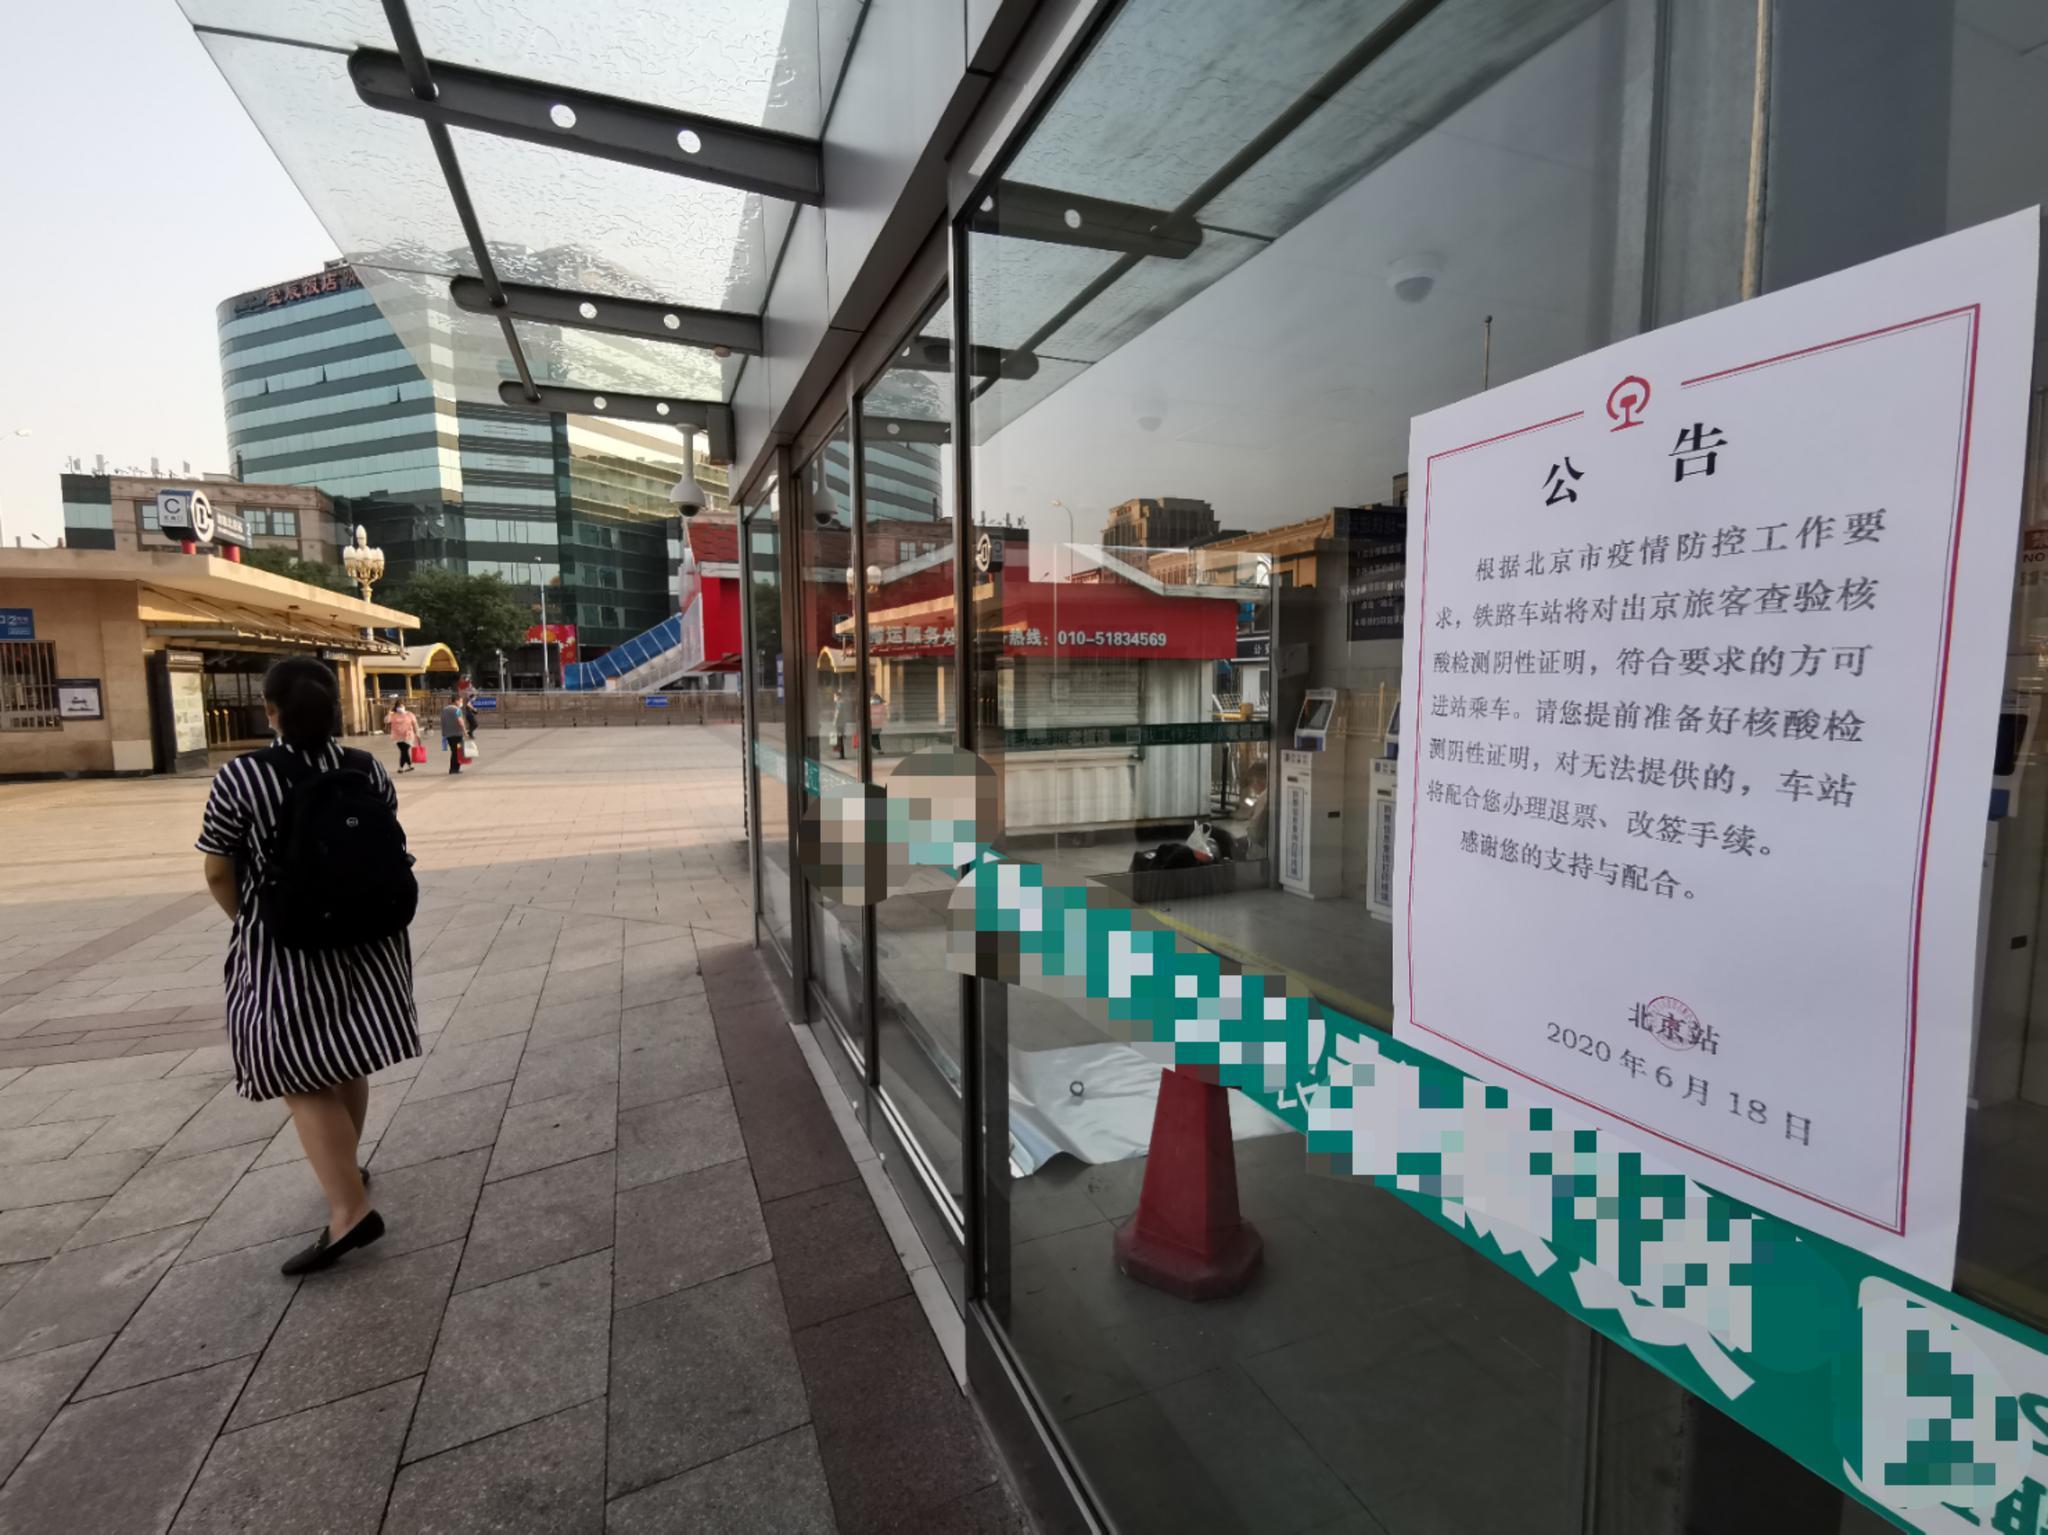 北京站一处售票窗口前,已经张贴了公告。新京报记者 裴剑飞 摄